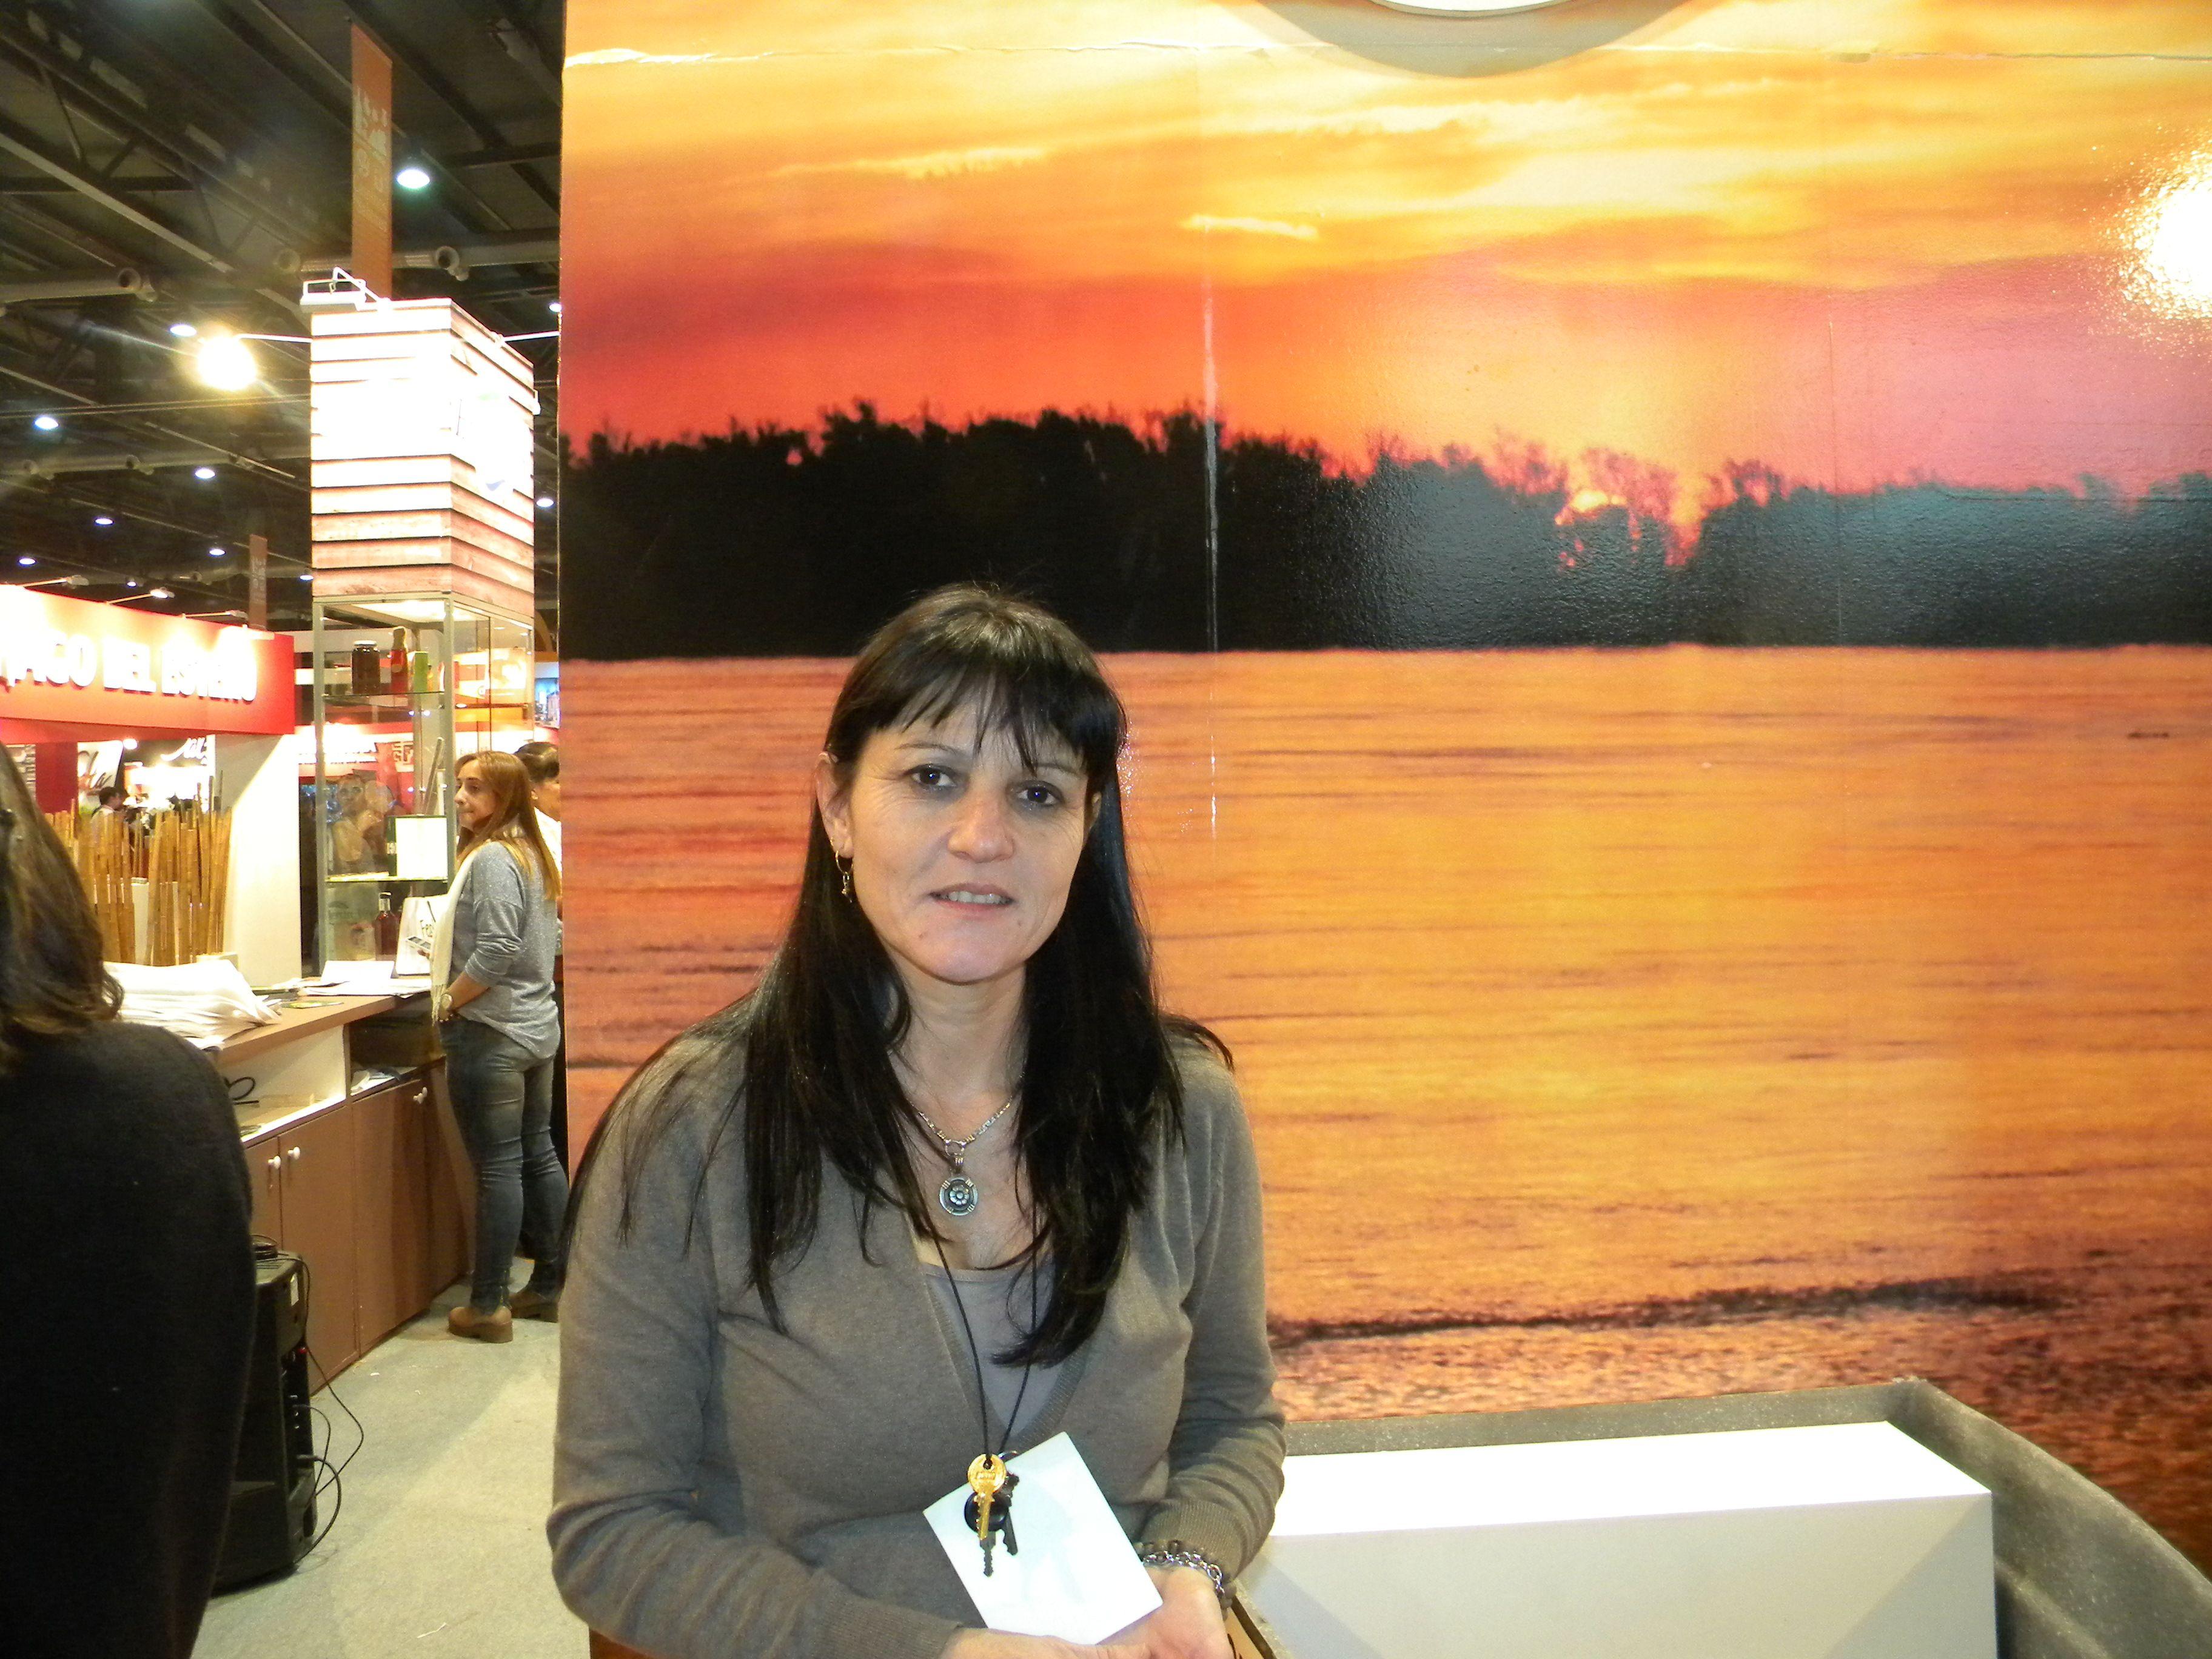 ENTRE RÍOS: Lic. Claudia Pagnotta, Coordinadora de Gestión Turística Costa del Uruguay, Ministerio de turismo de Entre Ríos.